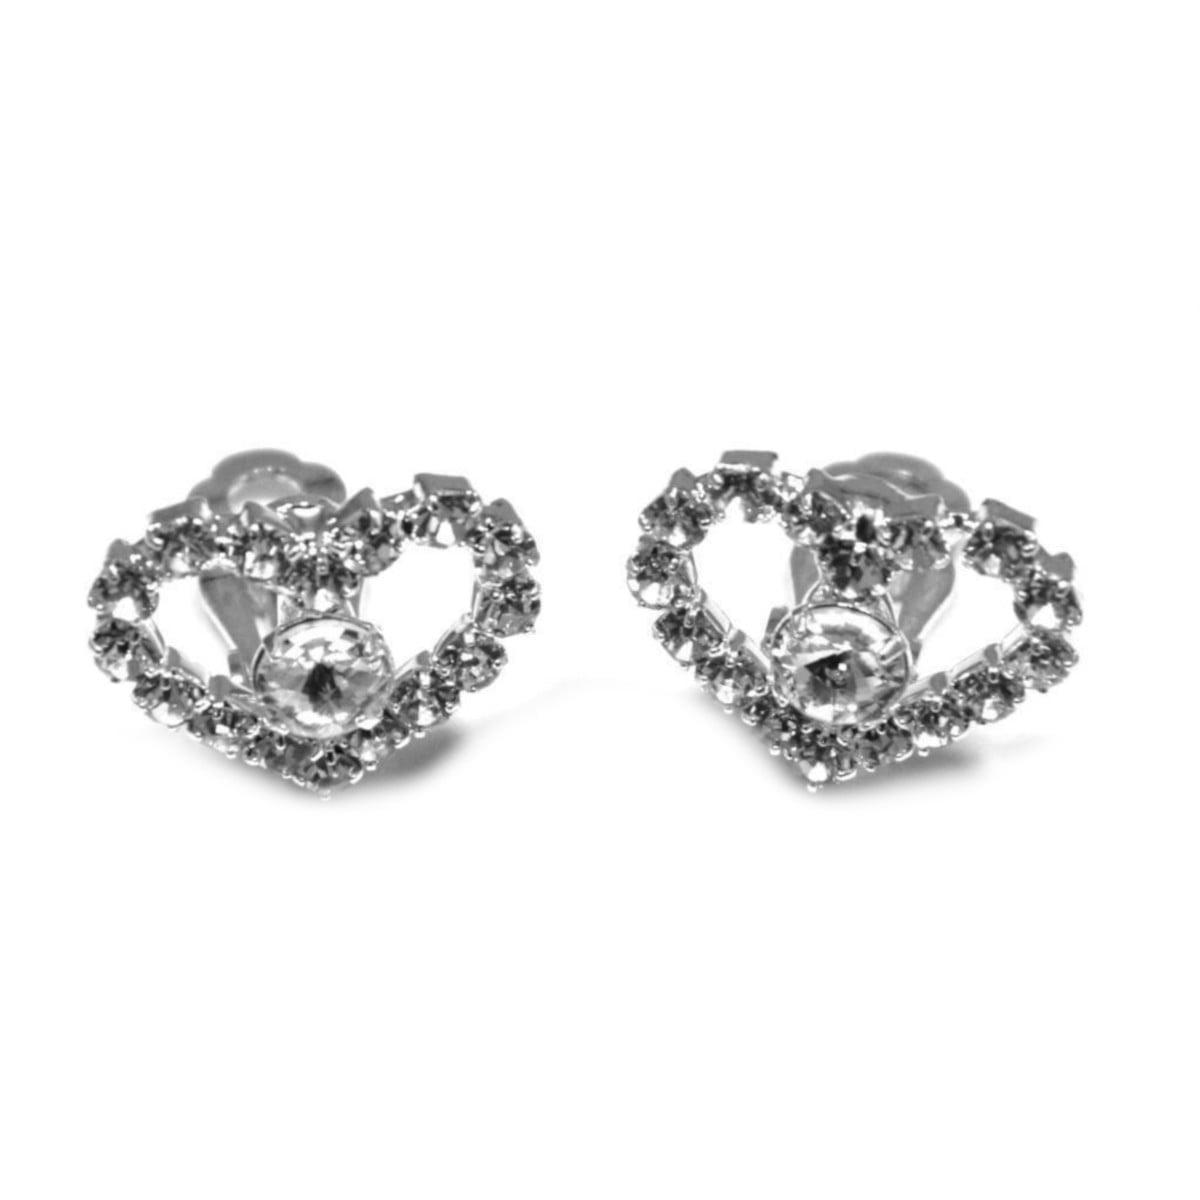 Crystal heart clip on earrings in silver plate